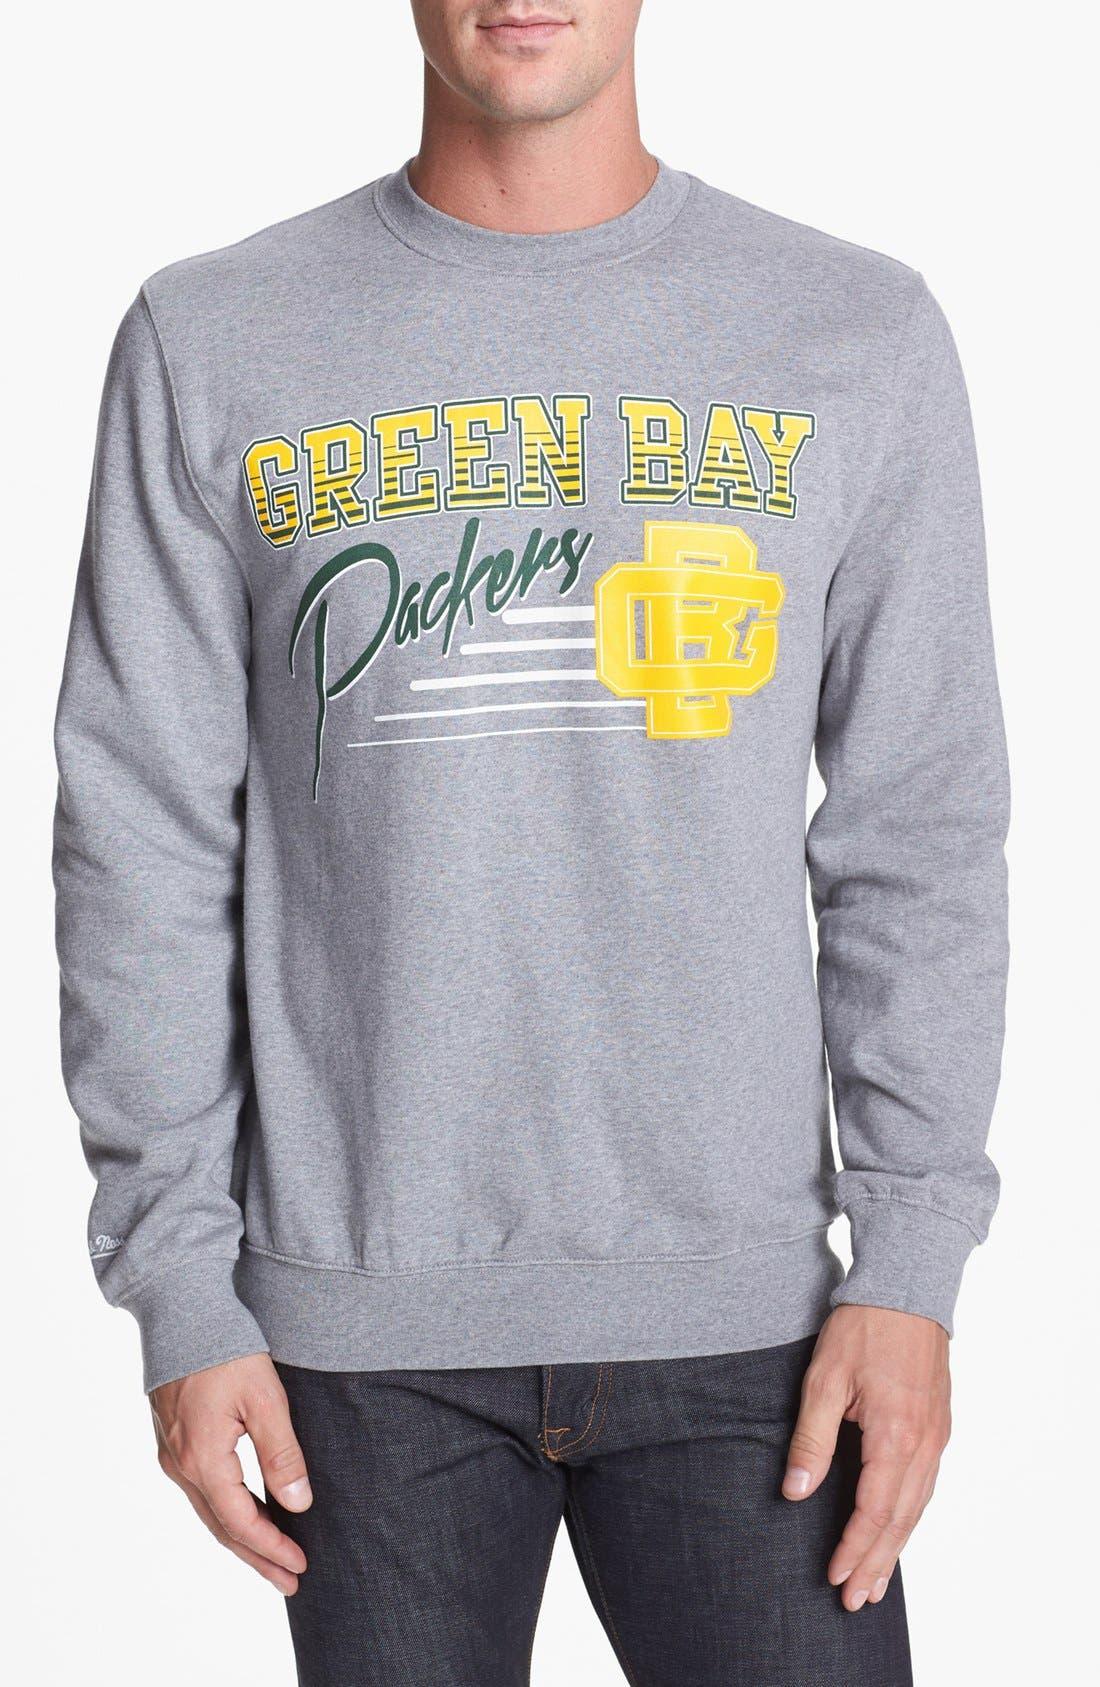 Main Image - Mitchell & Ness 'Green Bay Packers' Sweatshirt